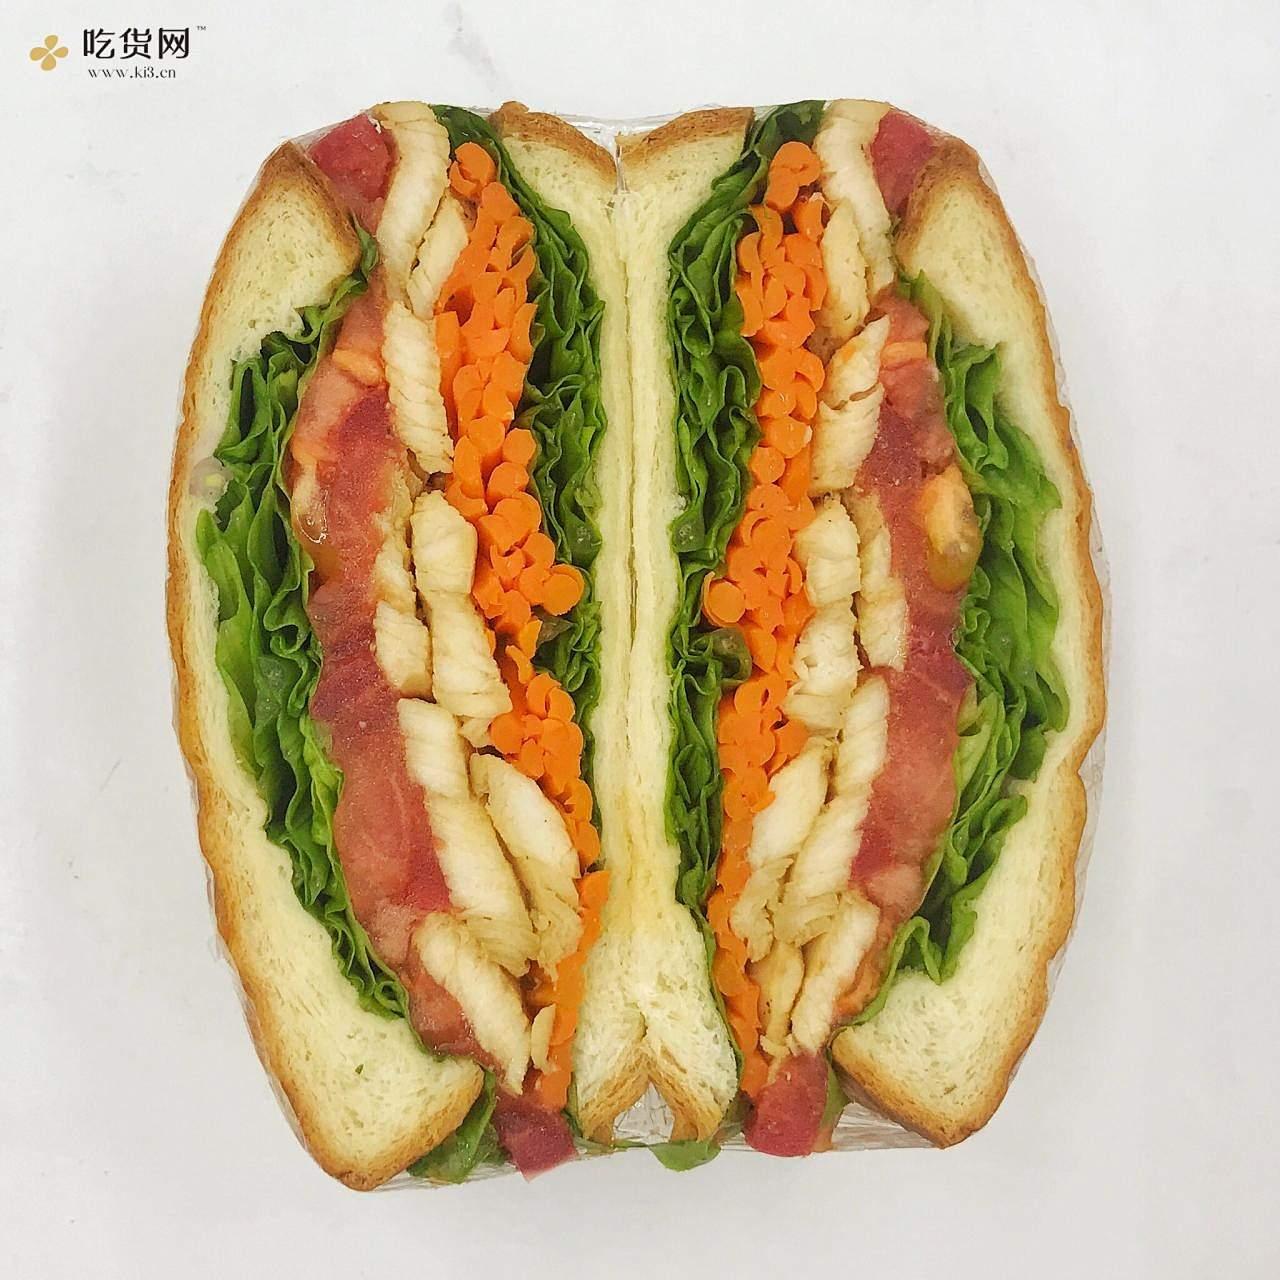 7天不重样系列之低卡减脂三明治的做法 步骤3